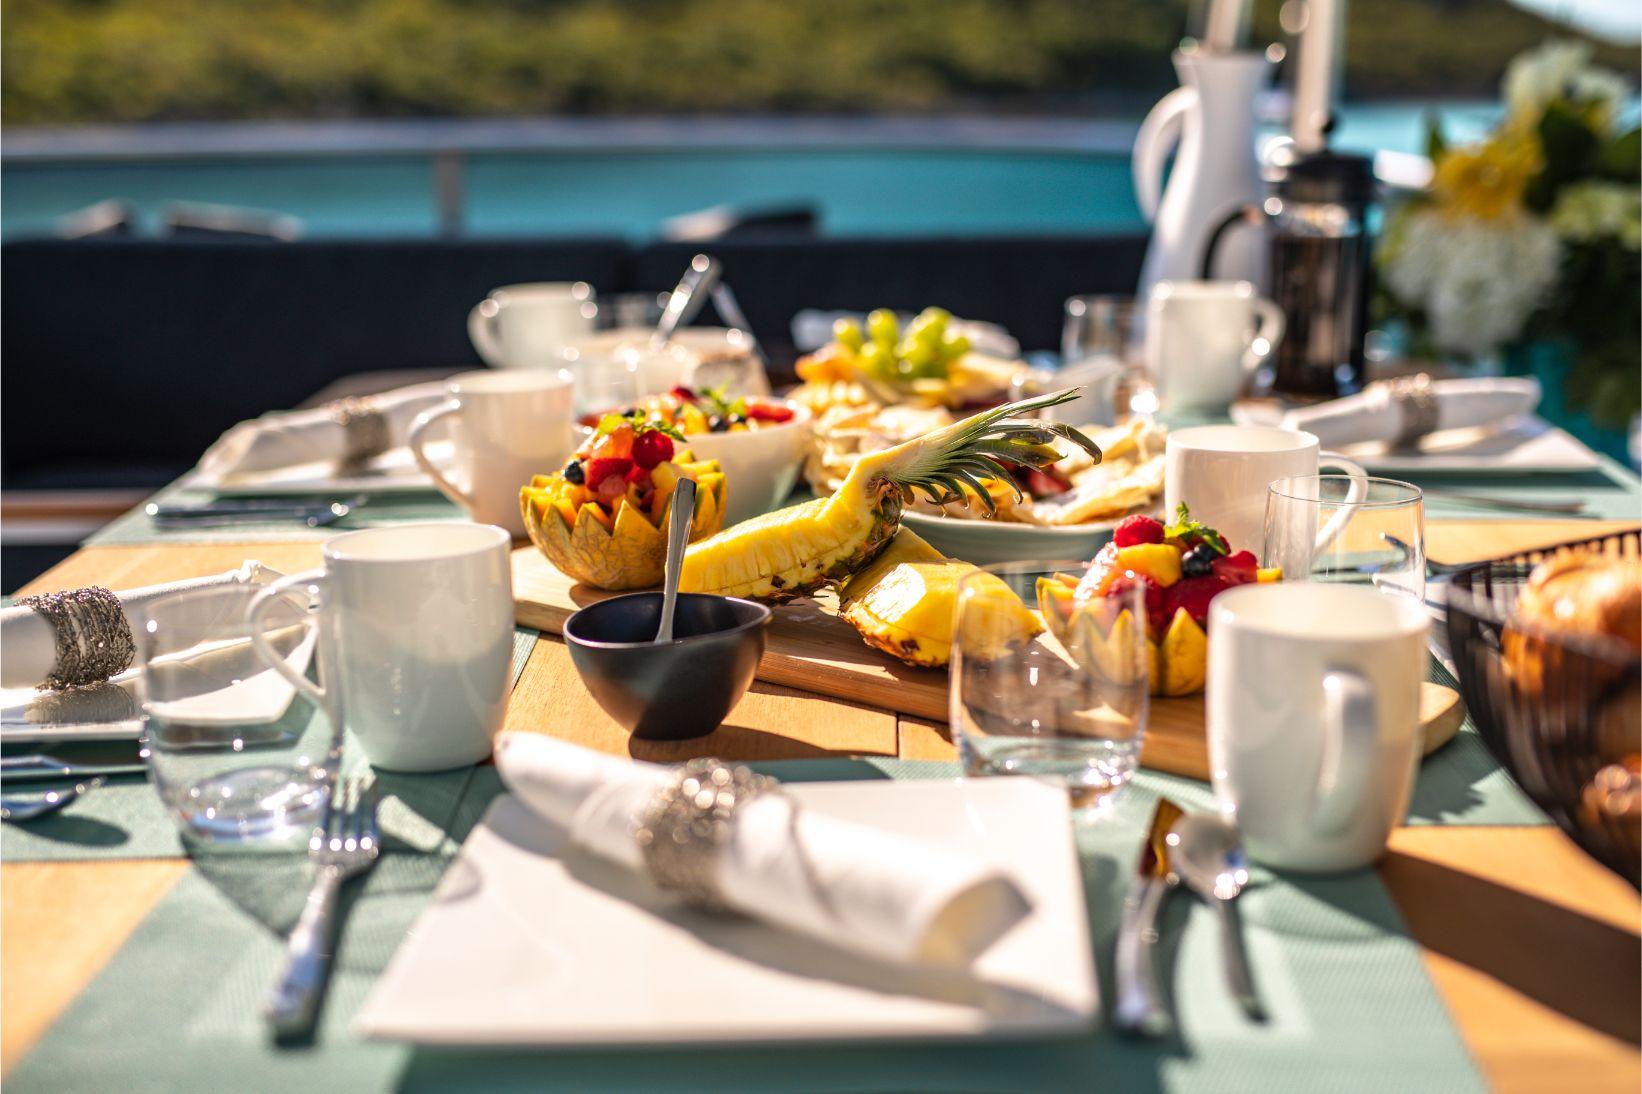 Déjeuner gastronomique sur croisière privée aux Bahamas